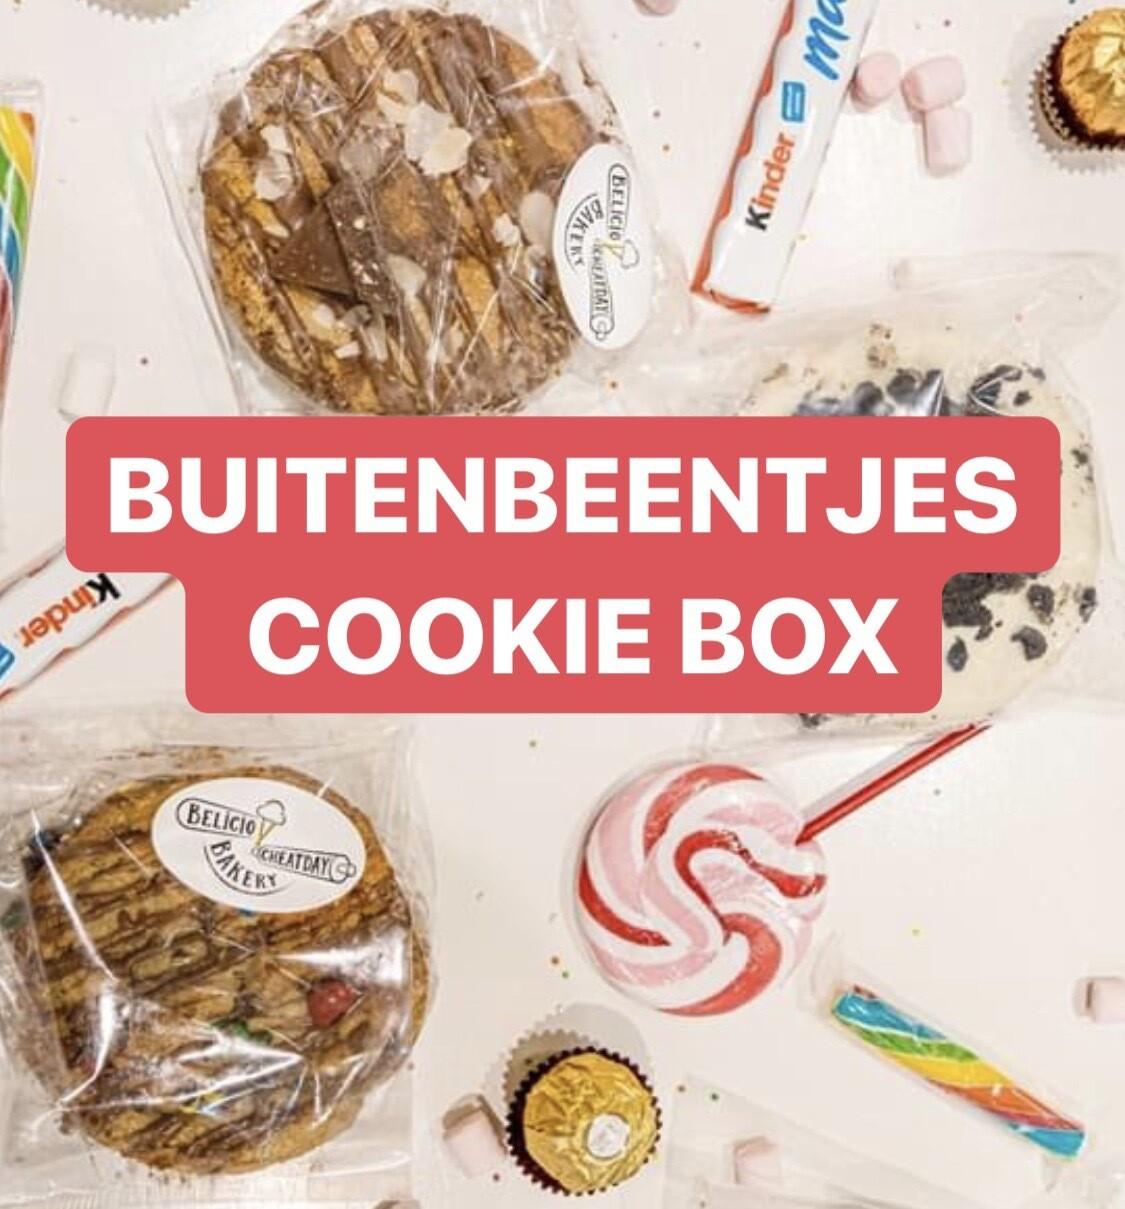 BUITENBEENTJESBOX cookies (2x)